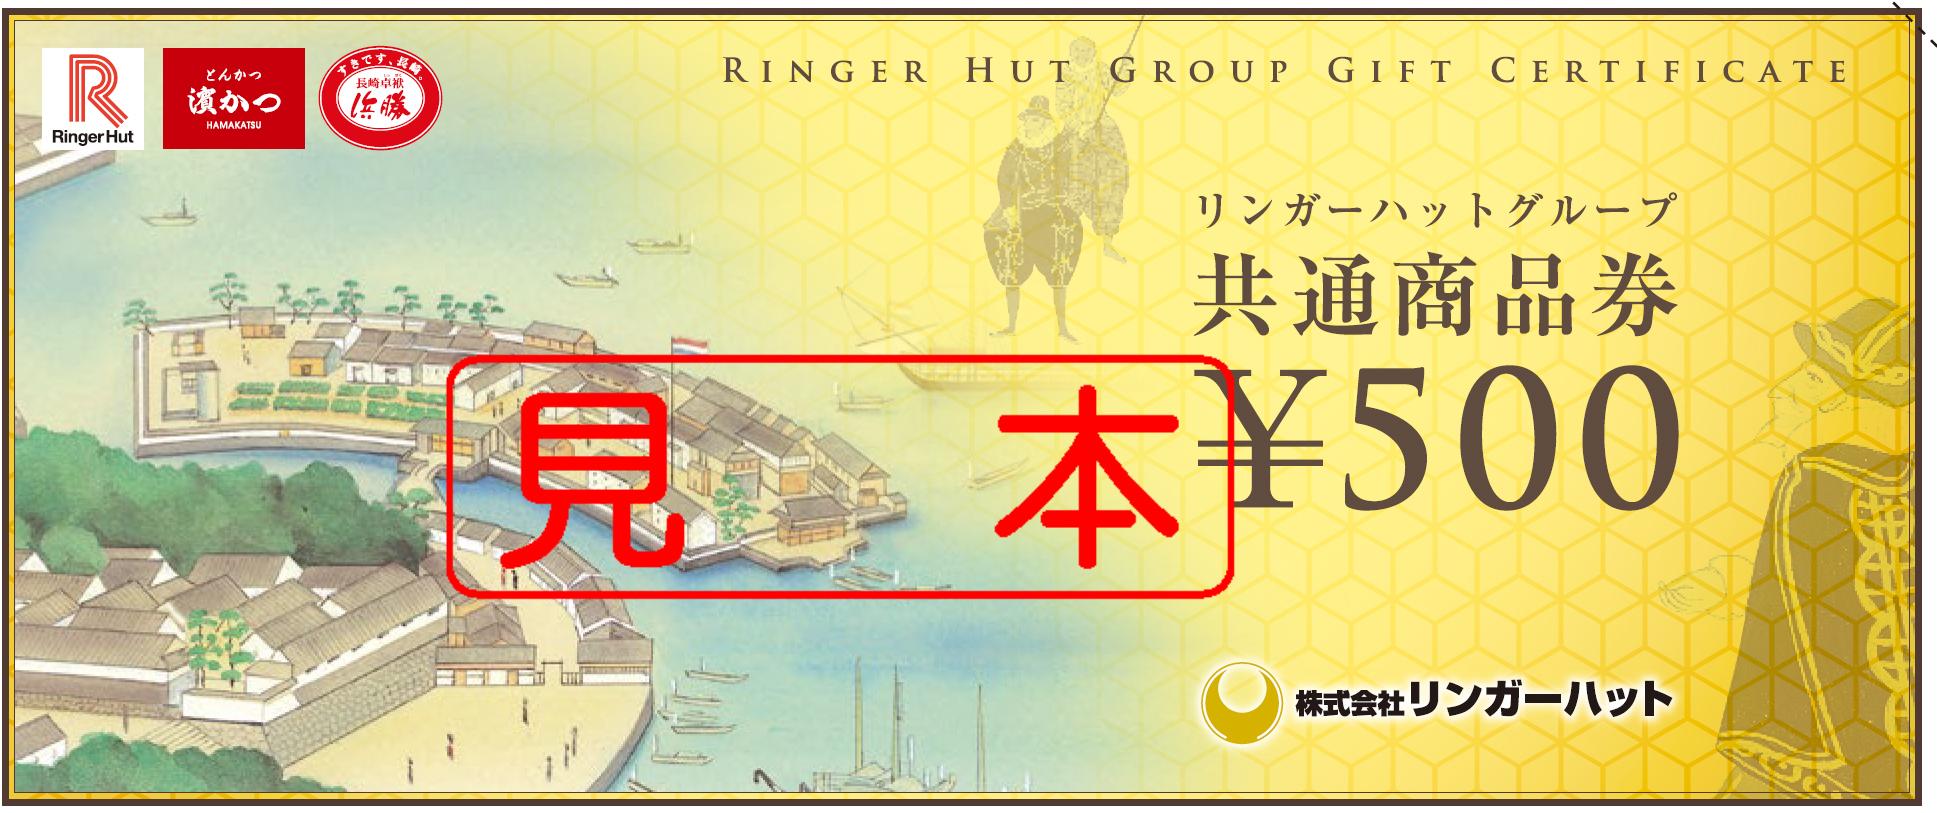 リンガーハットグループ共通商品券80枚